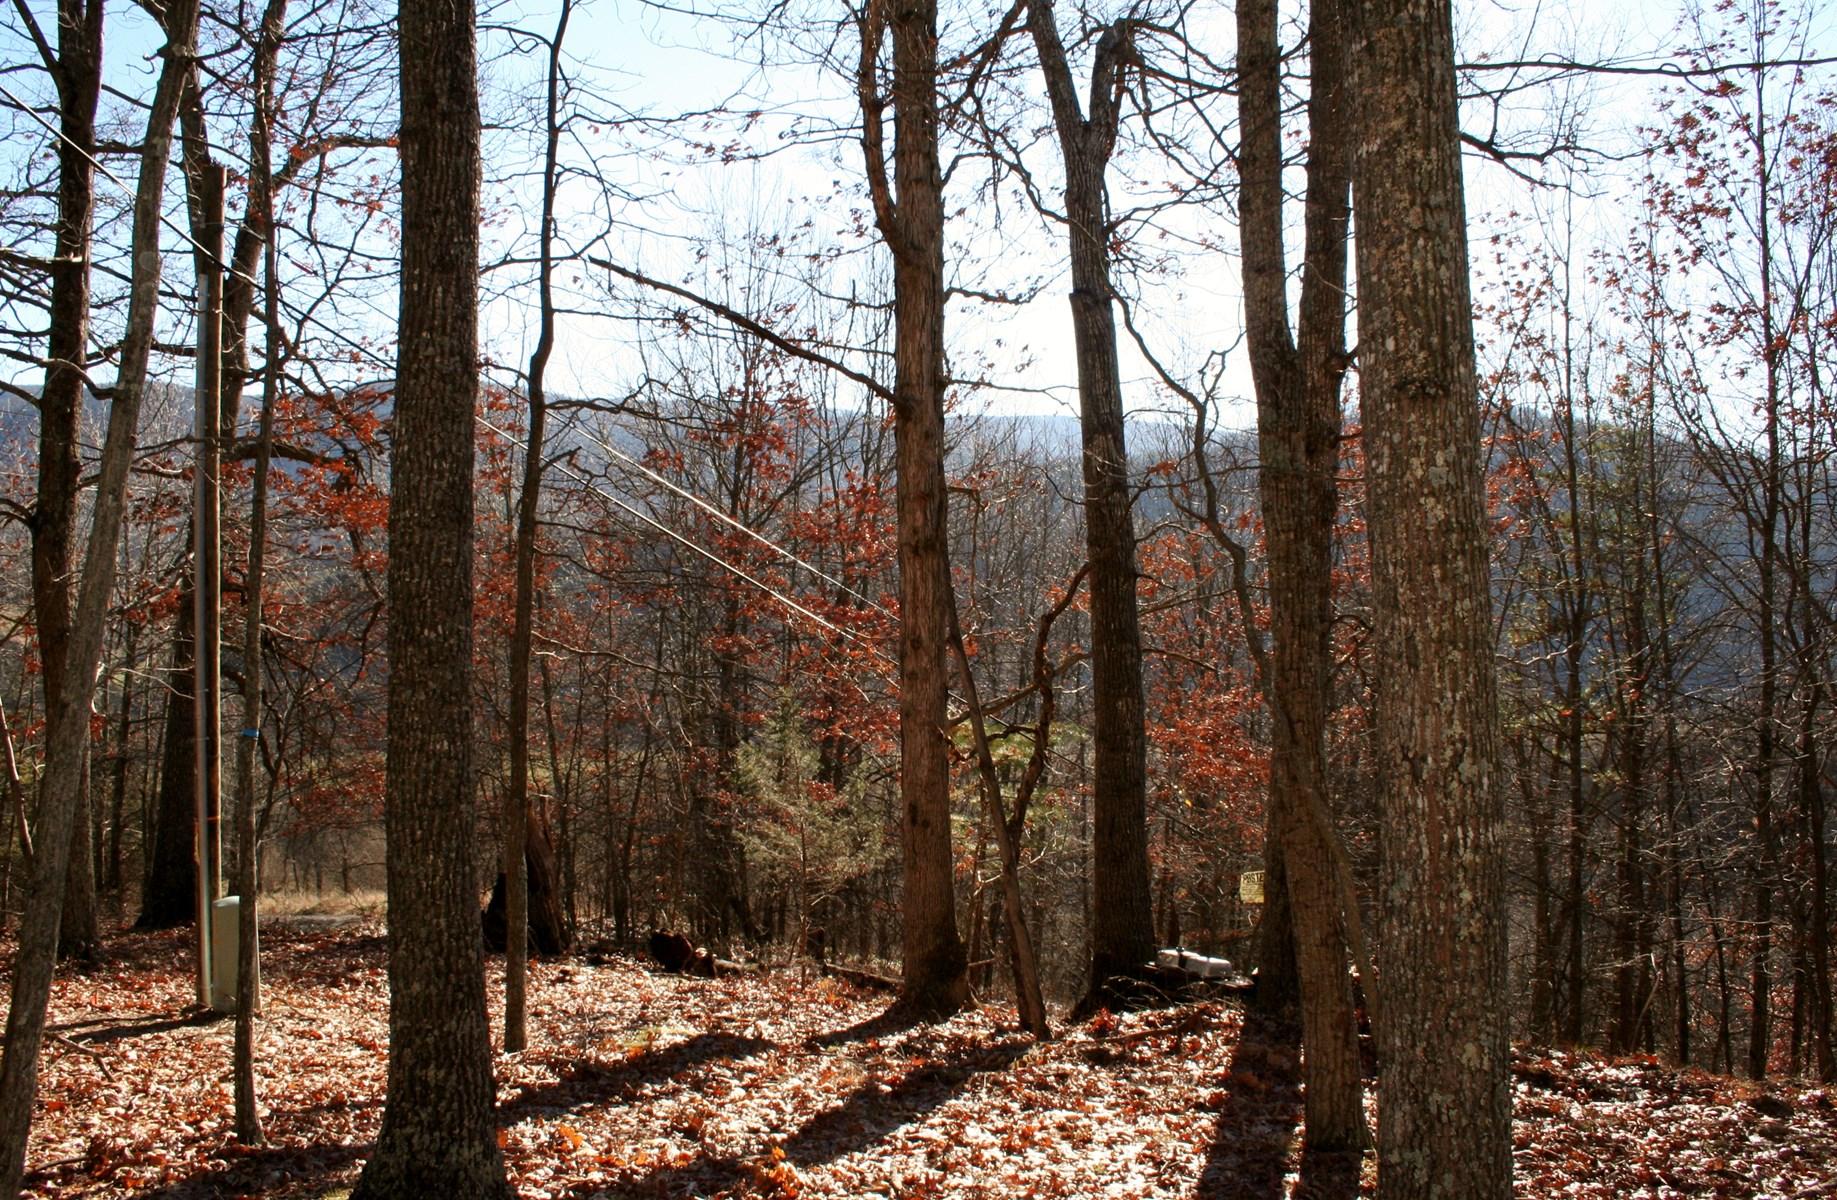 5.44 acres to build a mountain retreat